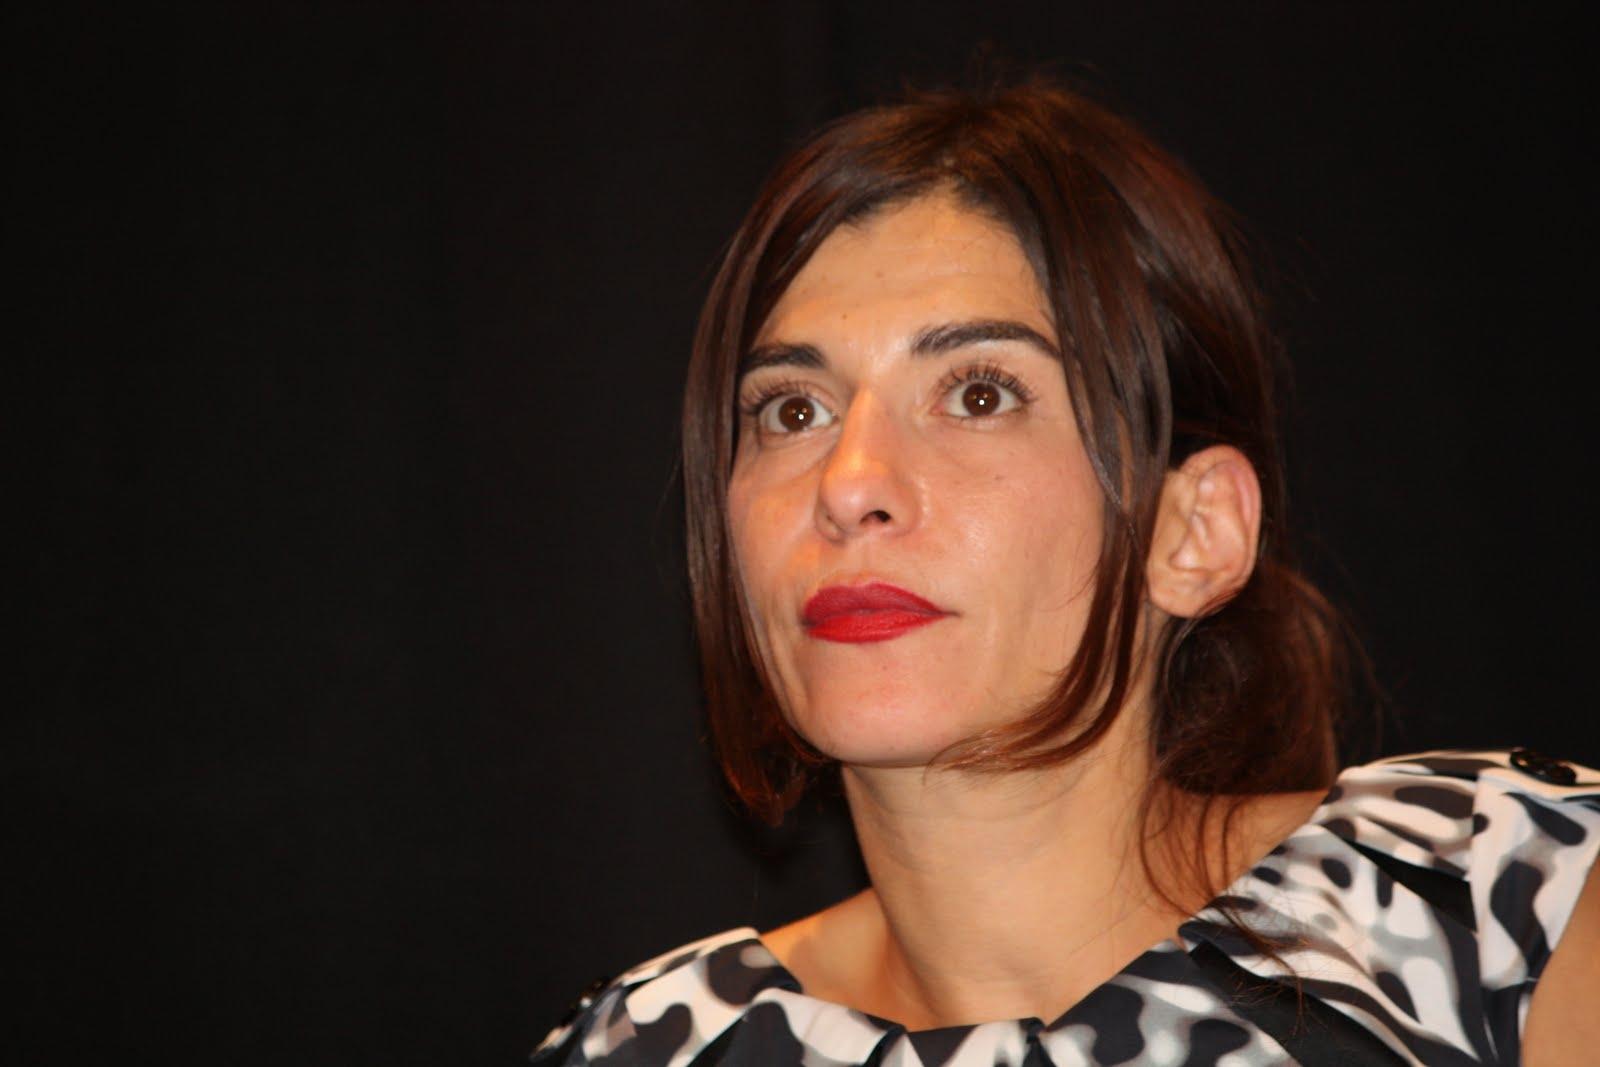 لبنى أزابال: أهمية فيلم